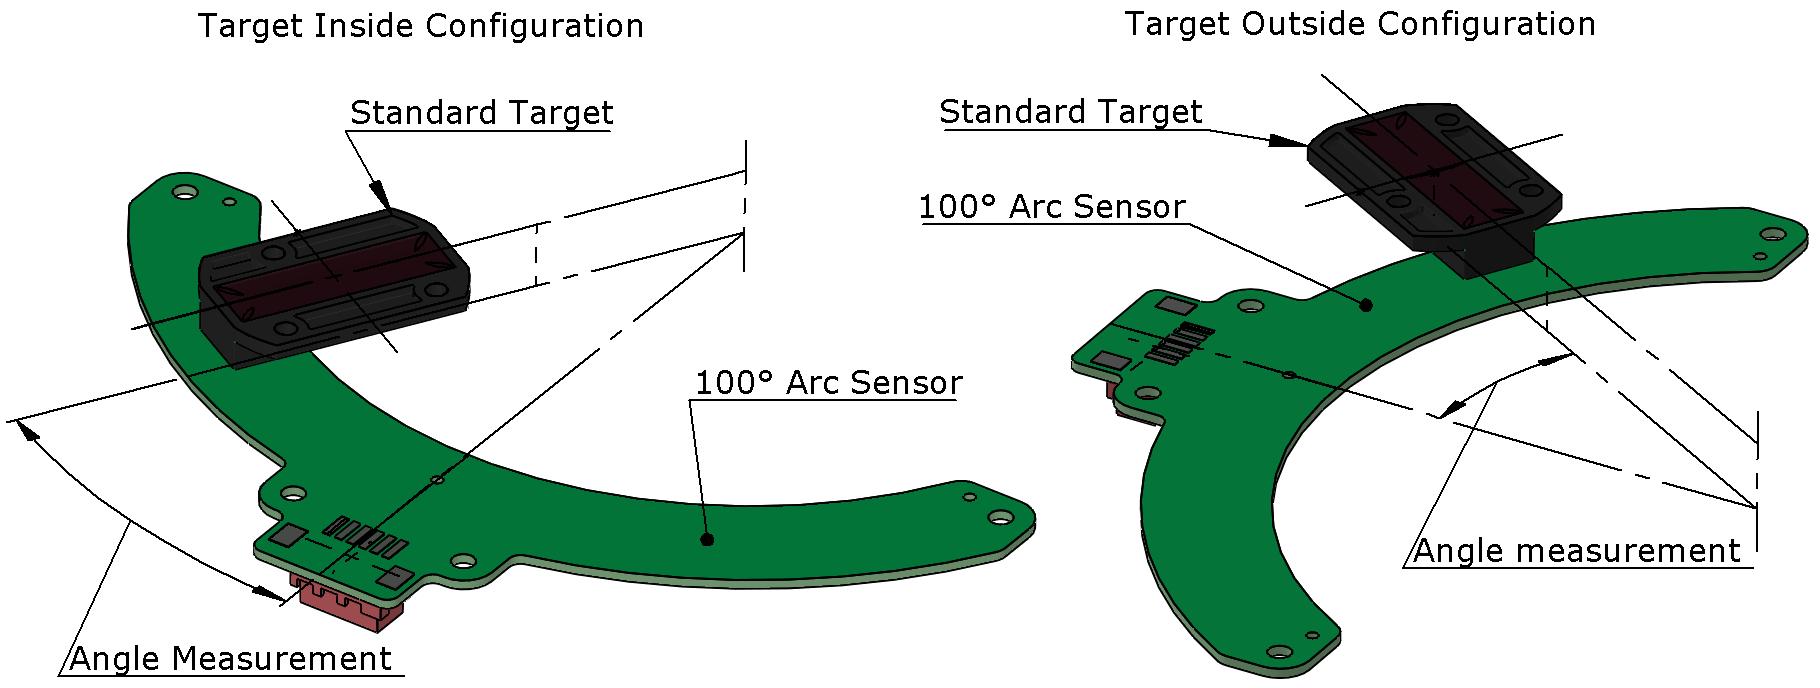 Arc Sensor Standard Target Configurations - Target Inside and Target Outside